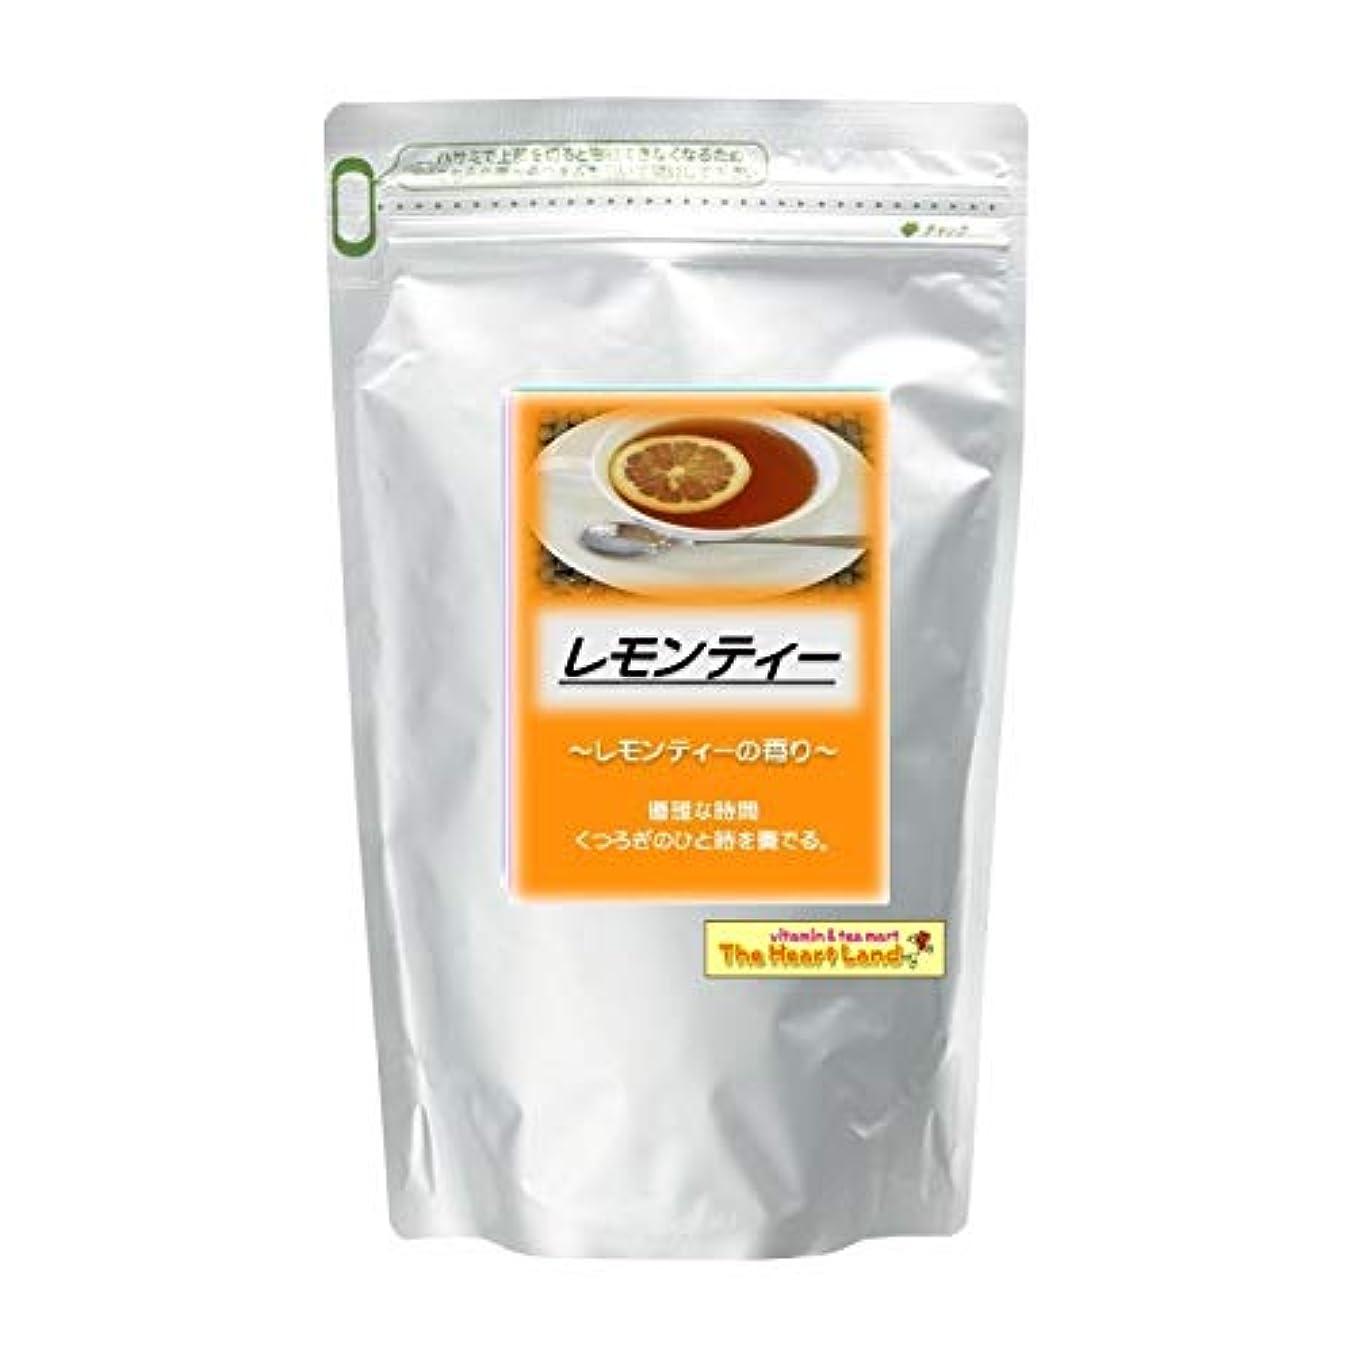 脱臼する意識けん引アサヒ入浴剤 浴用入浴化粧品 レモンティー 2.5kg